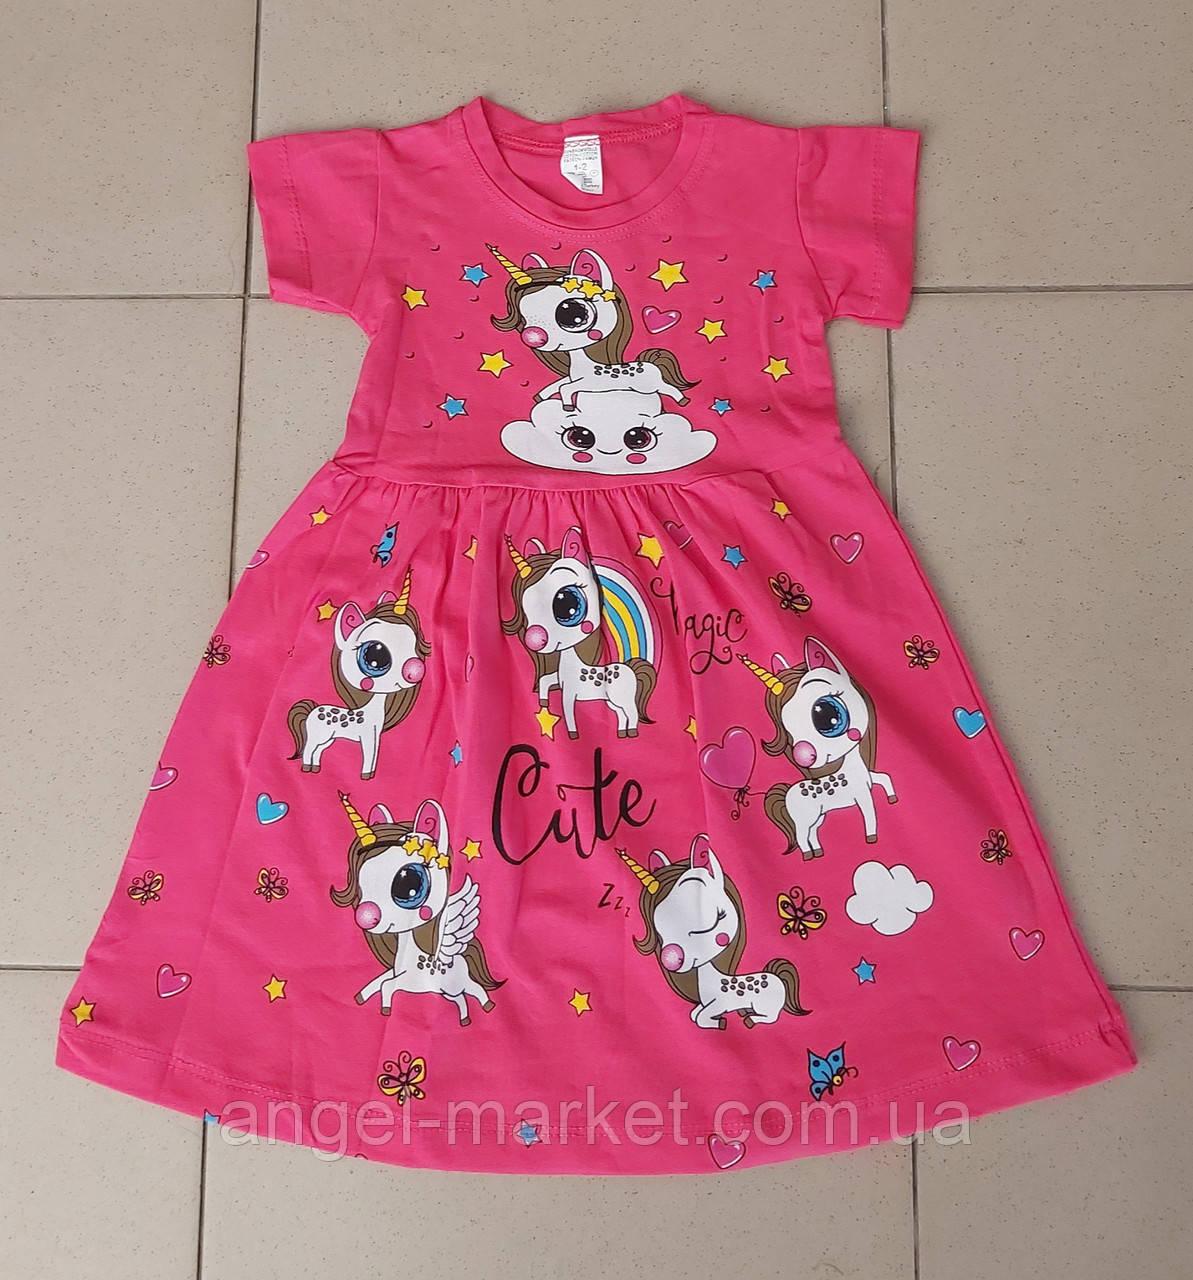 Платья на девочку 5 цветов . Размеры ( 1-2 ; 2-3 ; 3-4 ; 4-5 ; 5-6 ; 6-7 лет )